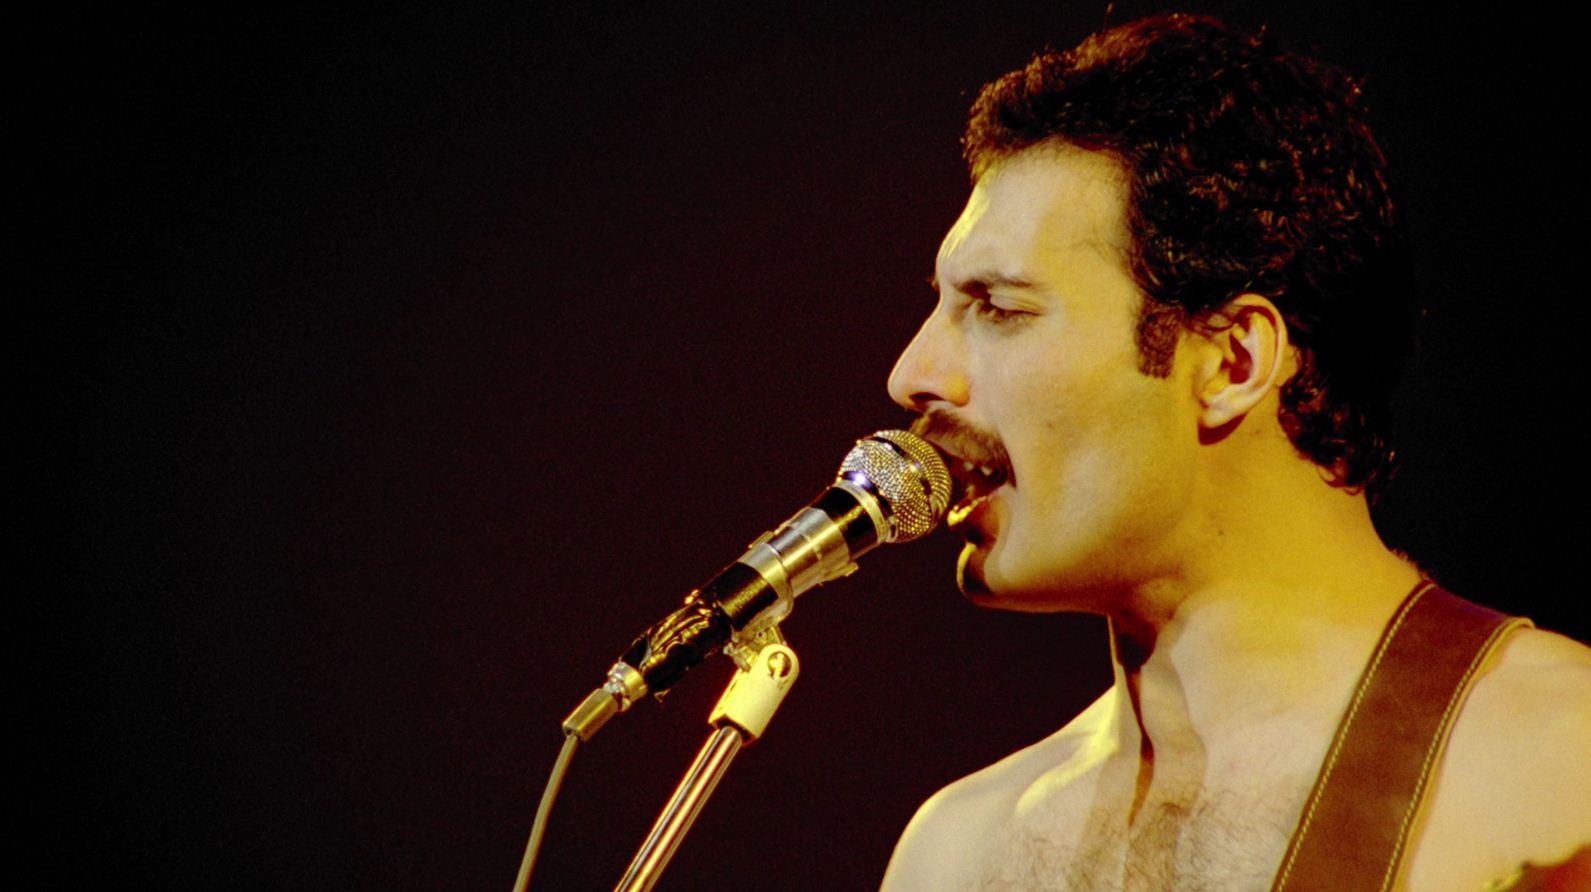 Freddie Mercury - The Great Pretender